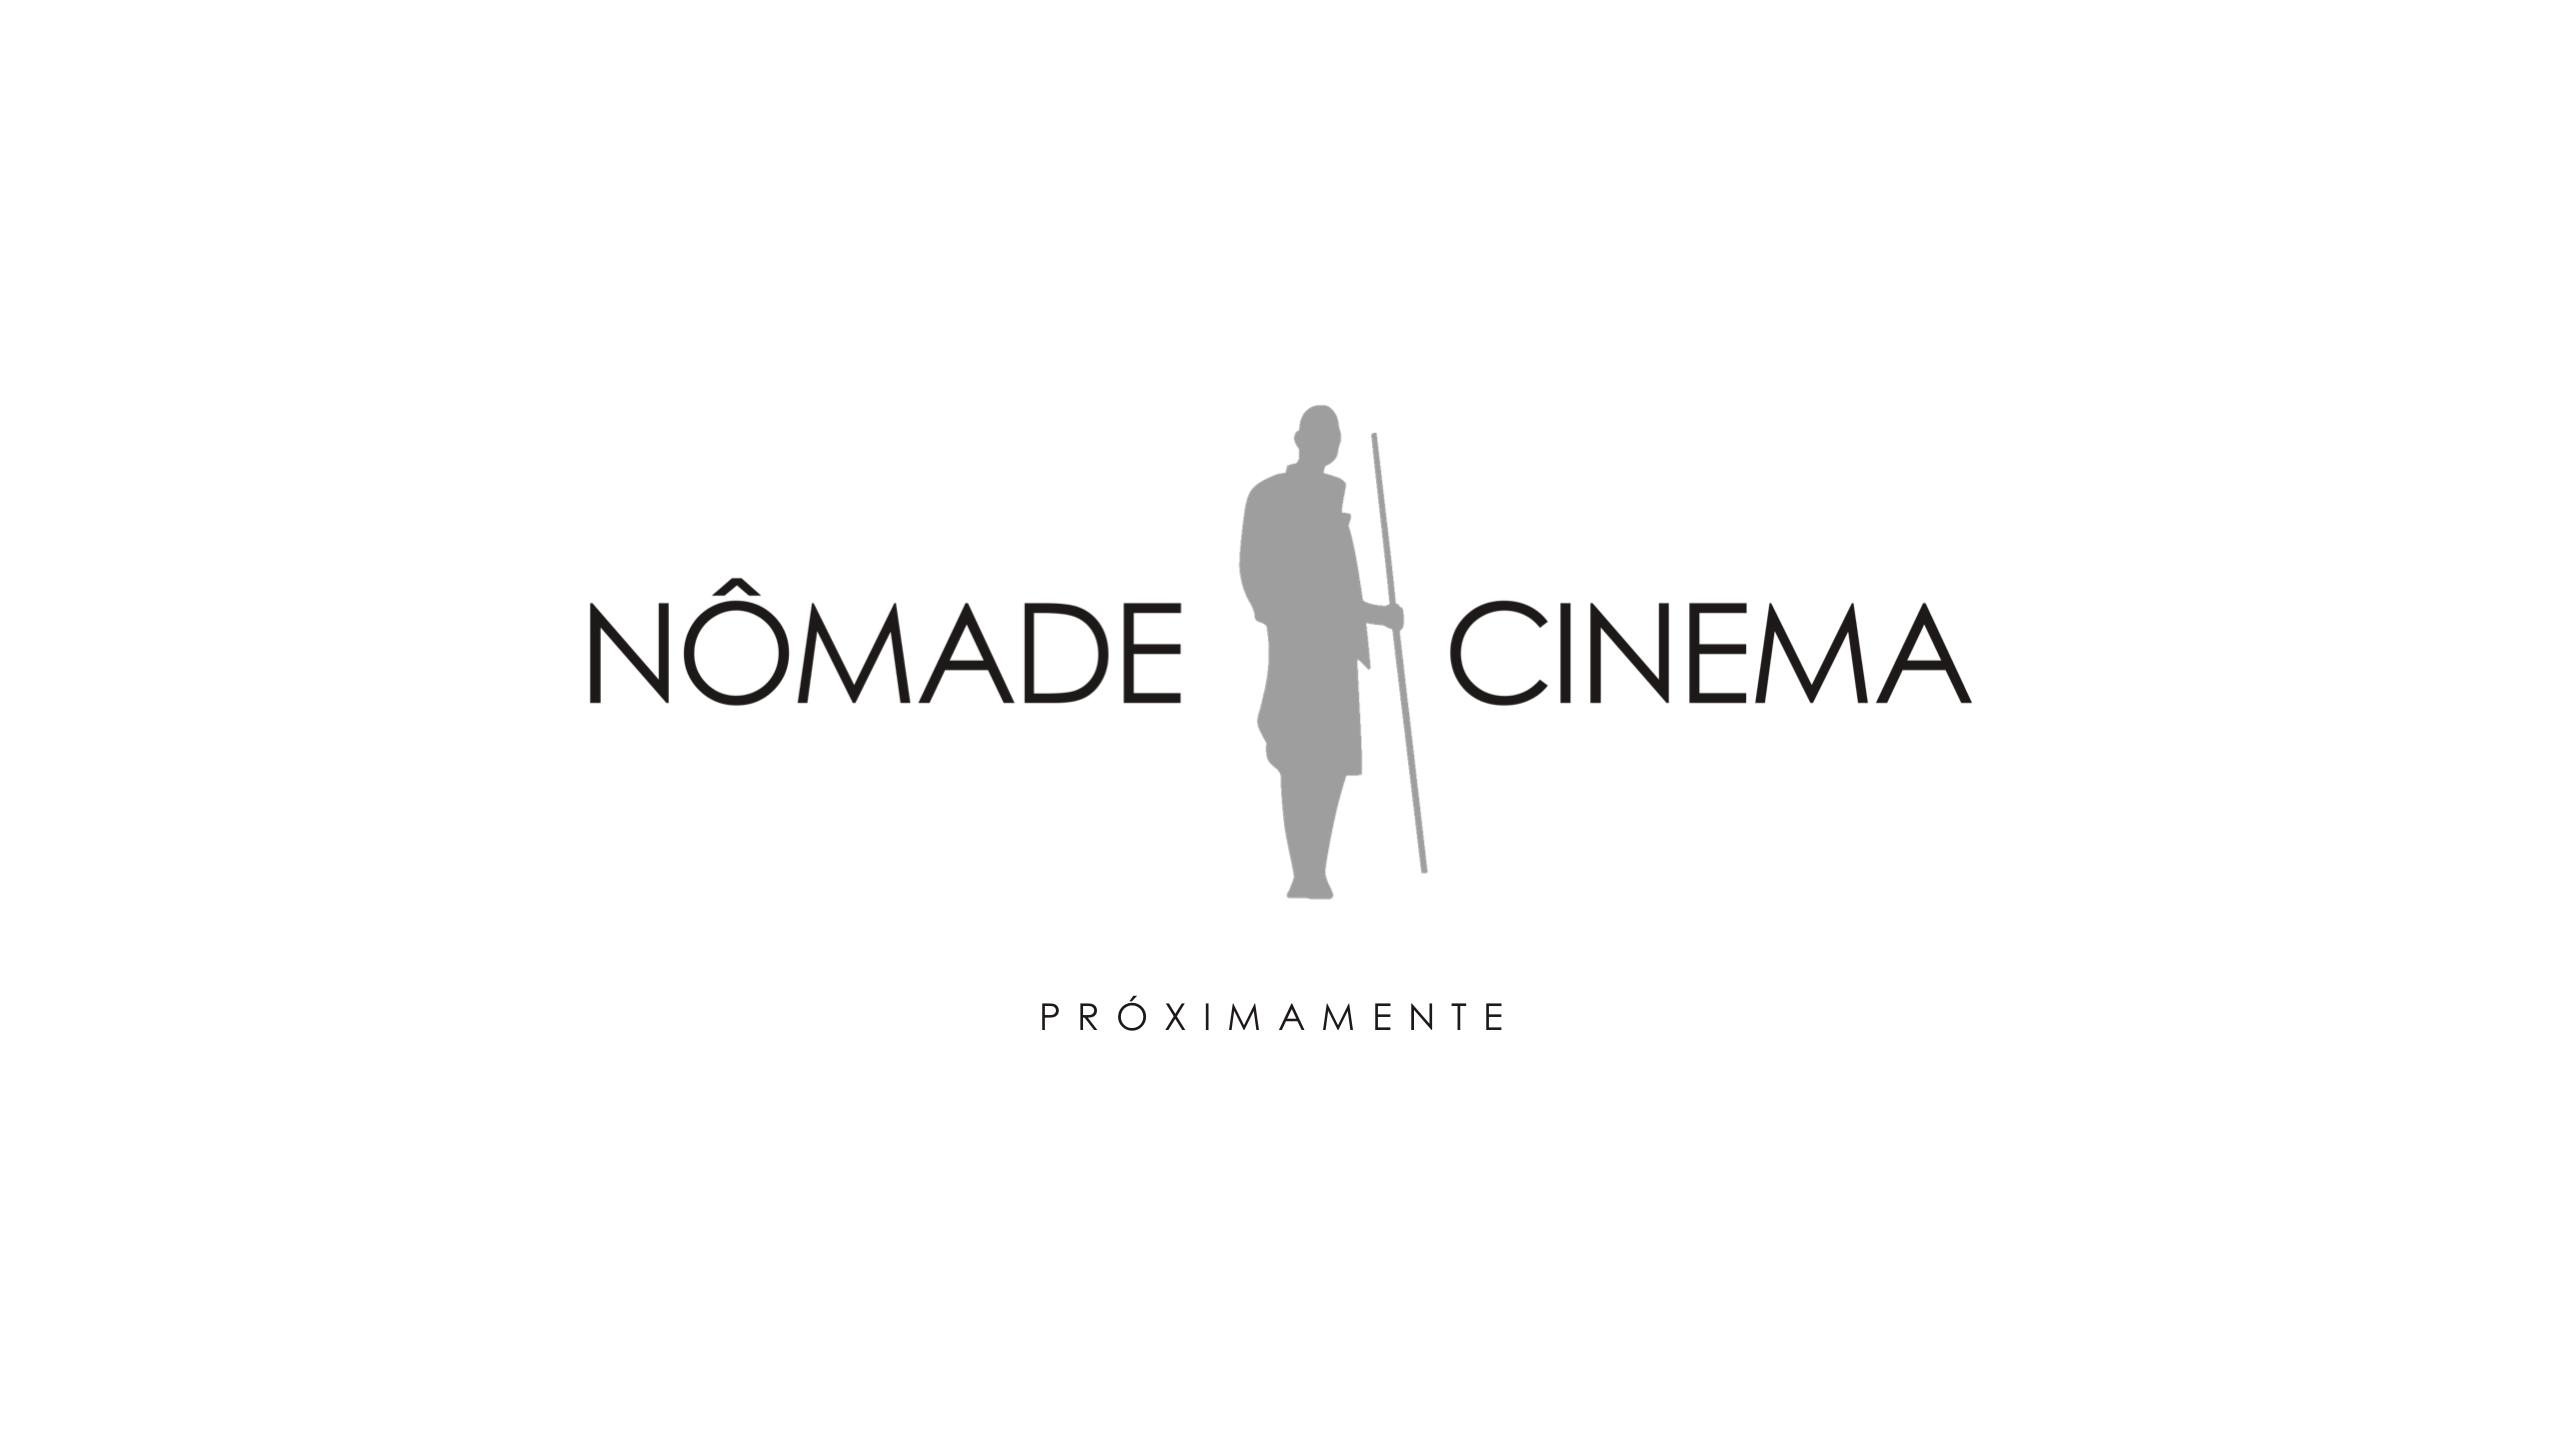 Nômade Cinema